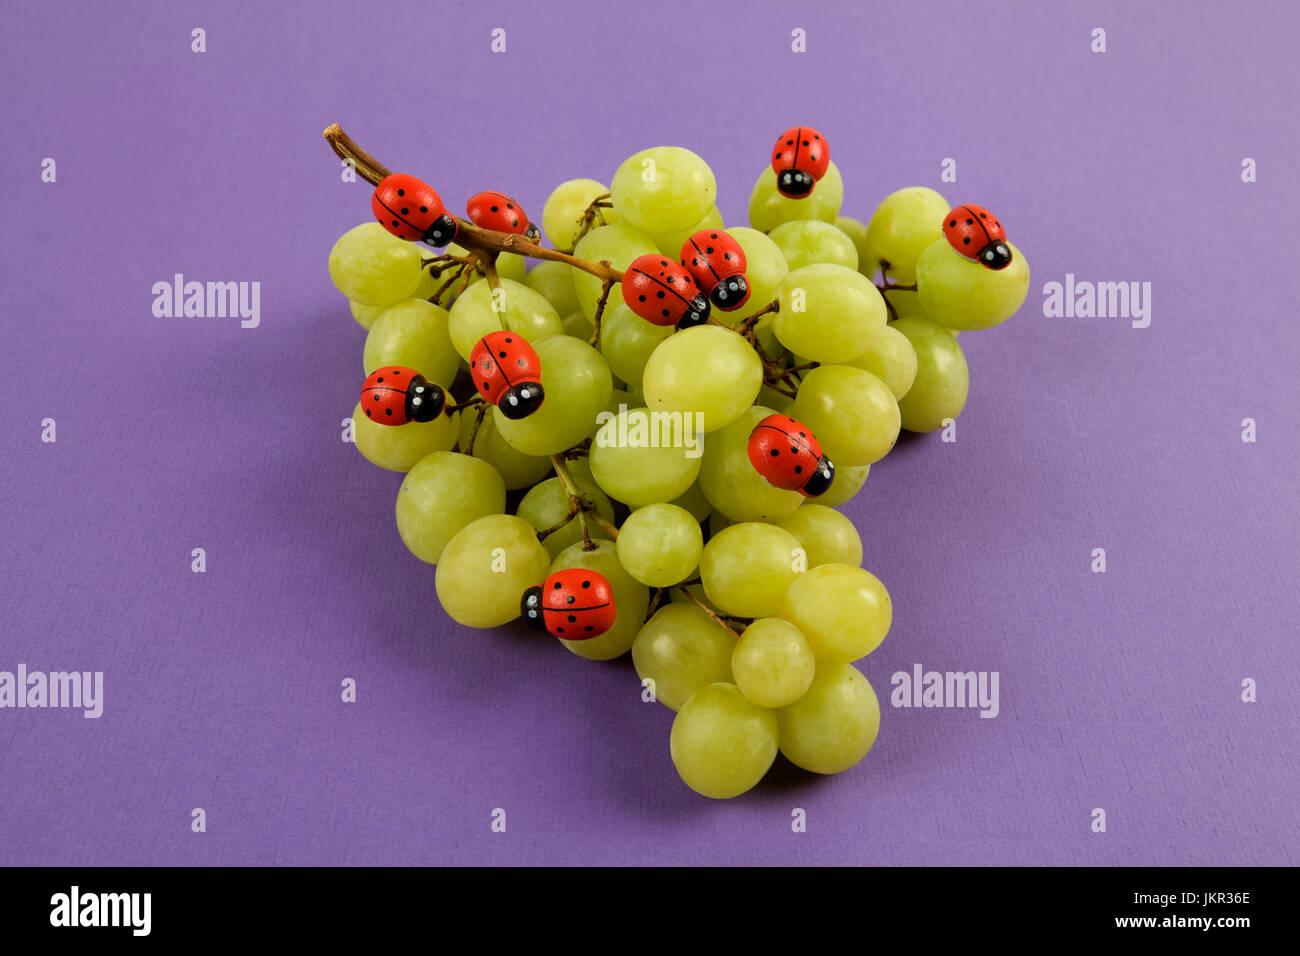 Invasione di ladybugs su un grappolo di uva. Colori brillanti turchese o sfondo violetto. Design Minimal still life Immagini Stock